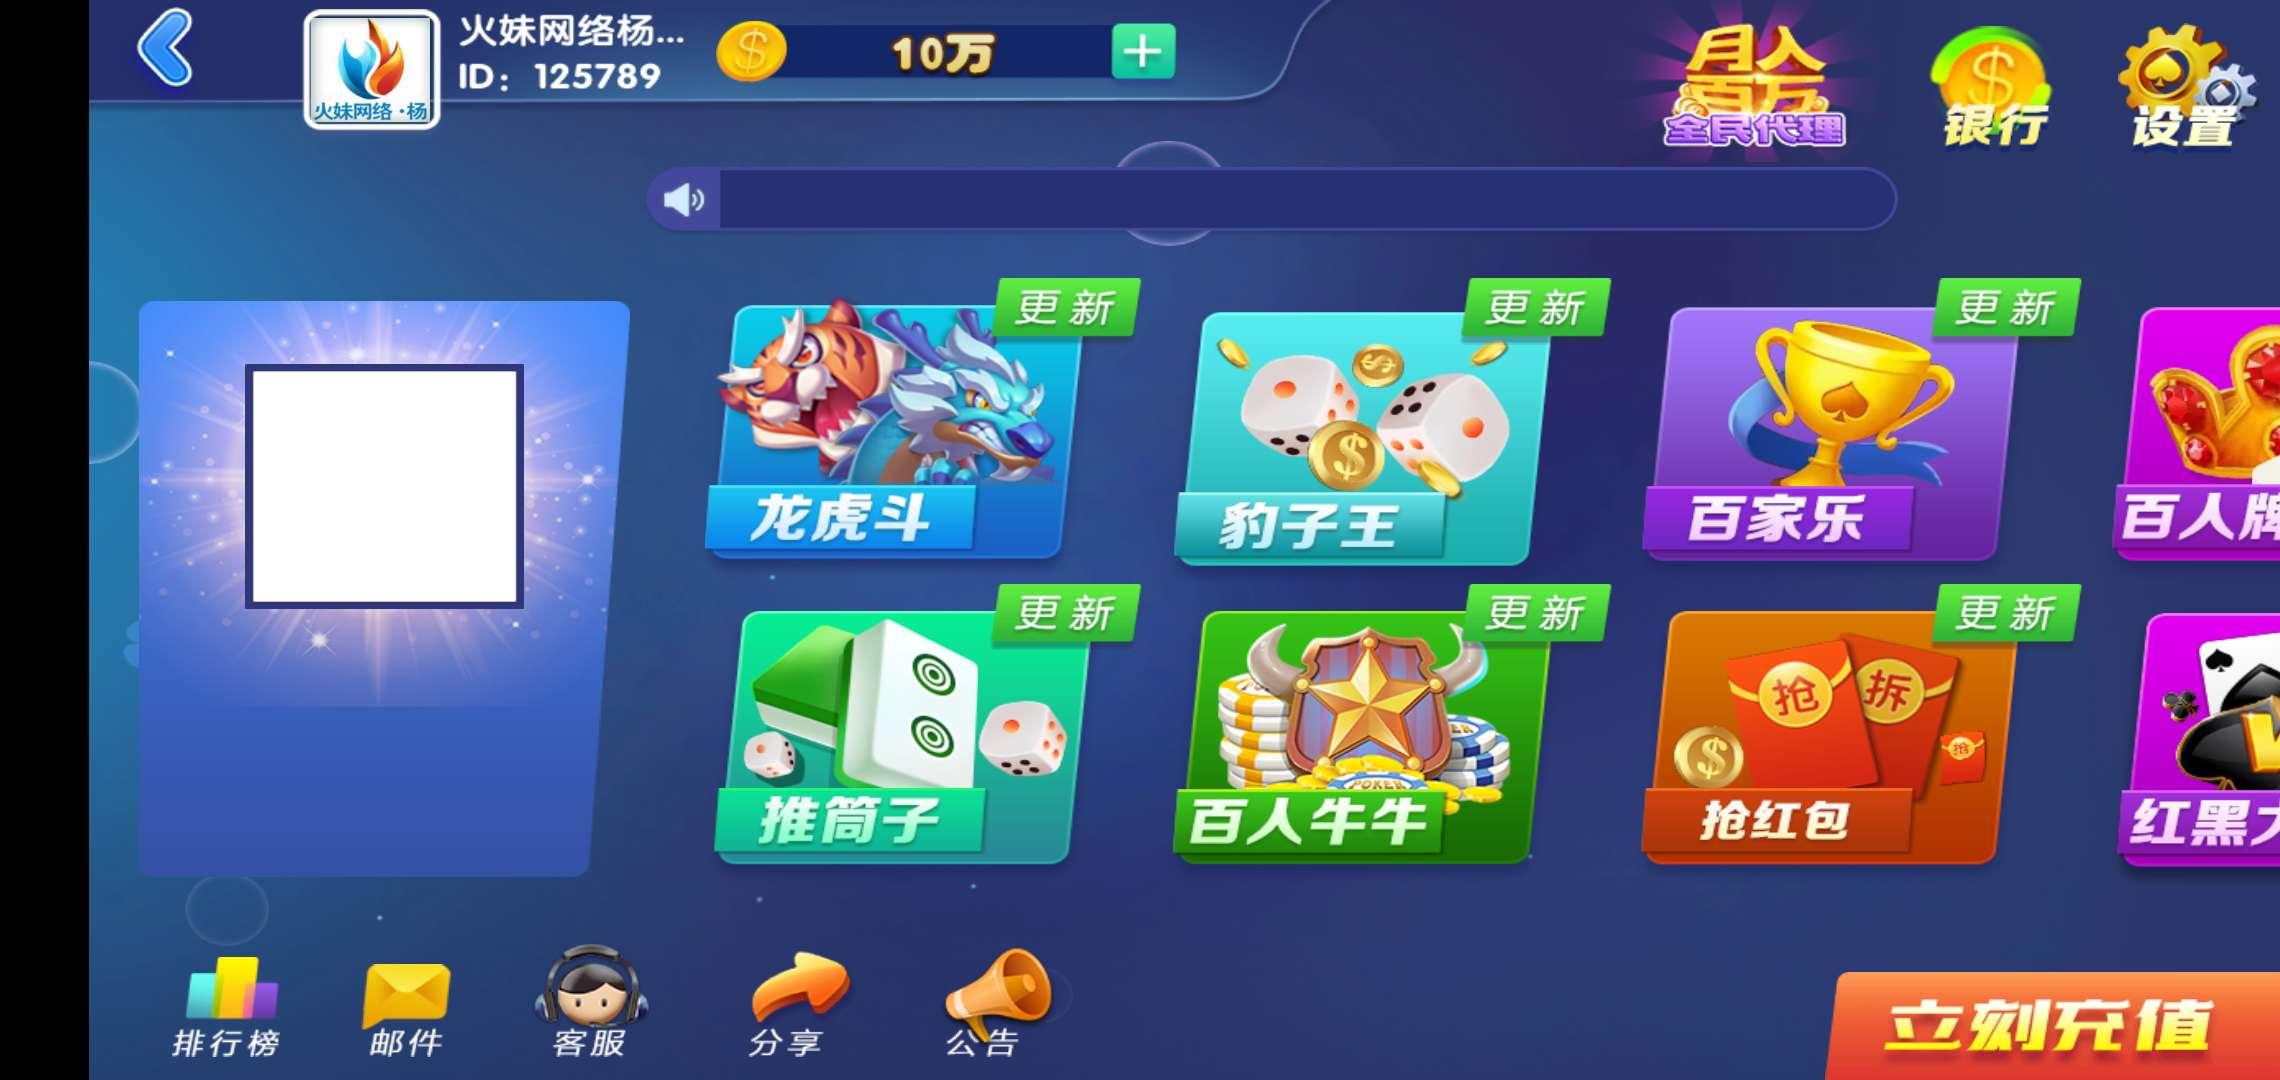 房卡h5棋牌源码搭建教程带视频 三合一游戏平台程序【开源可二次开发】